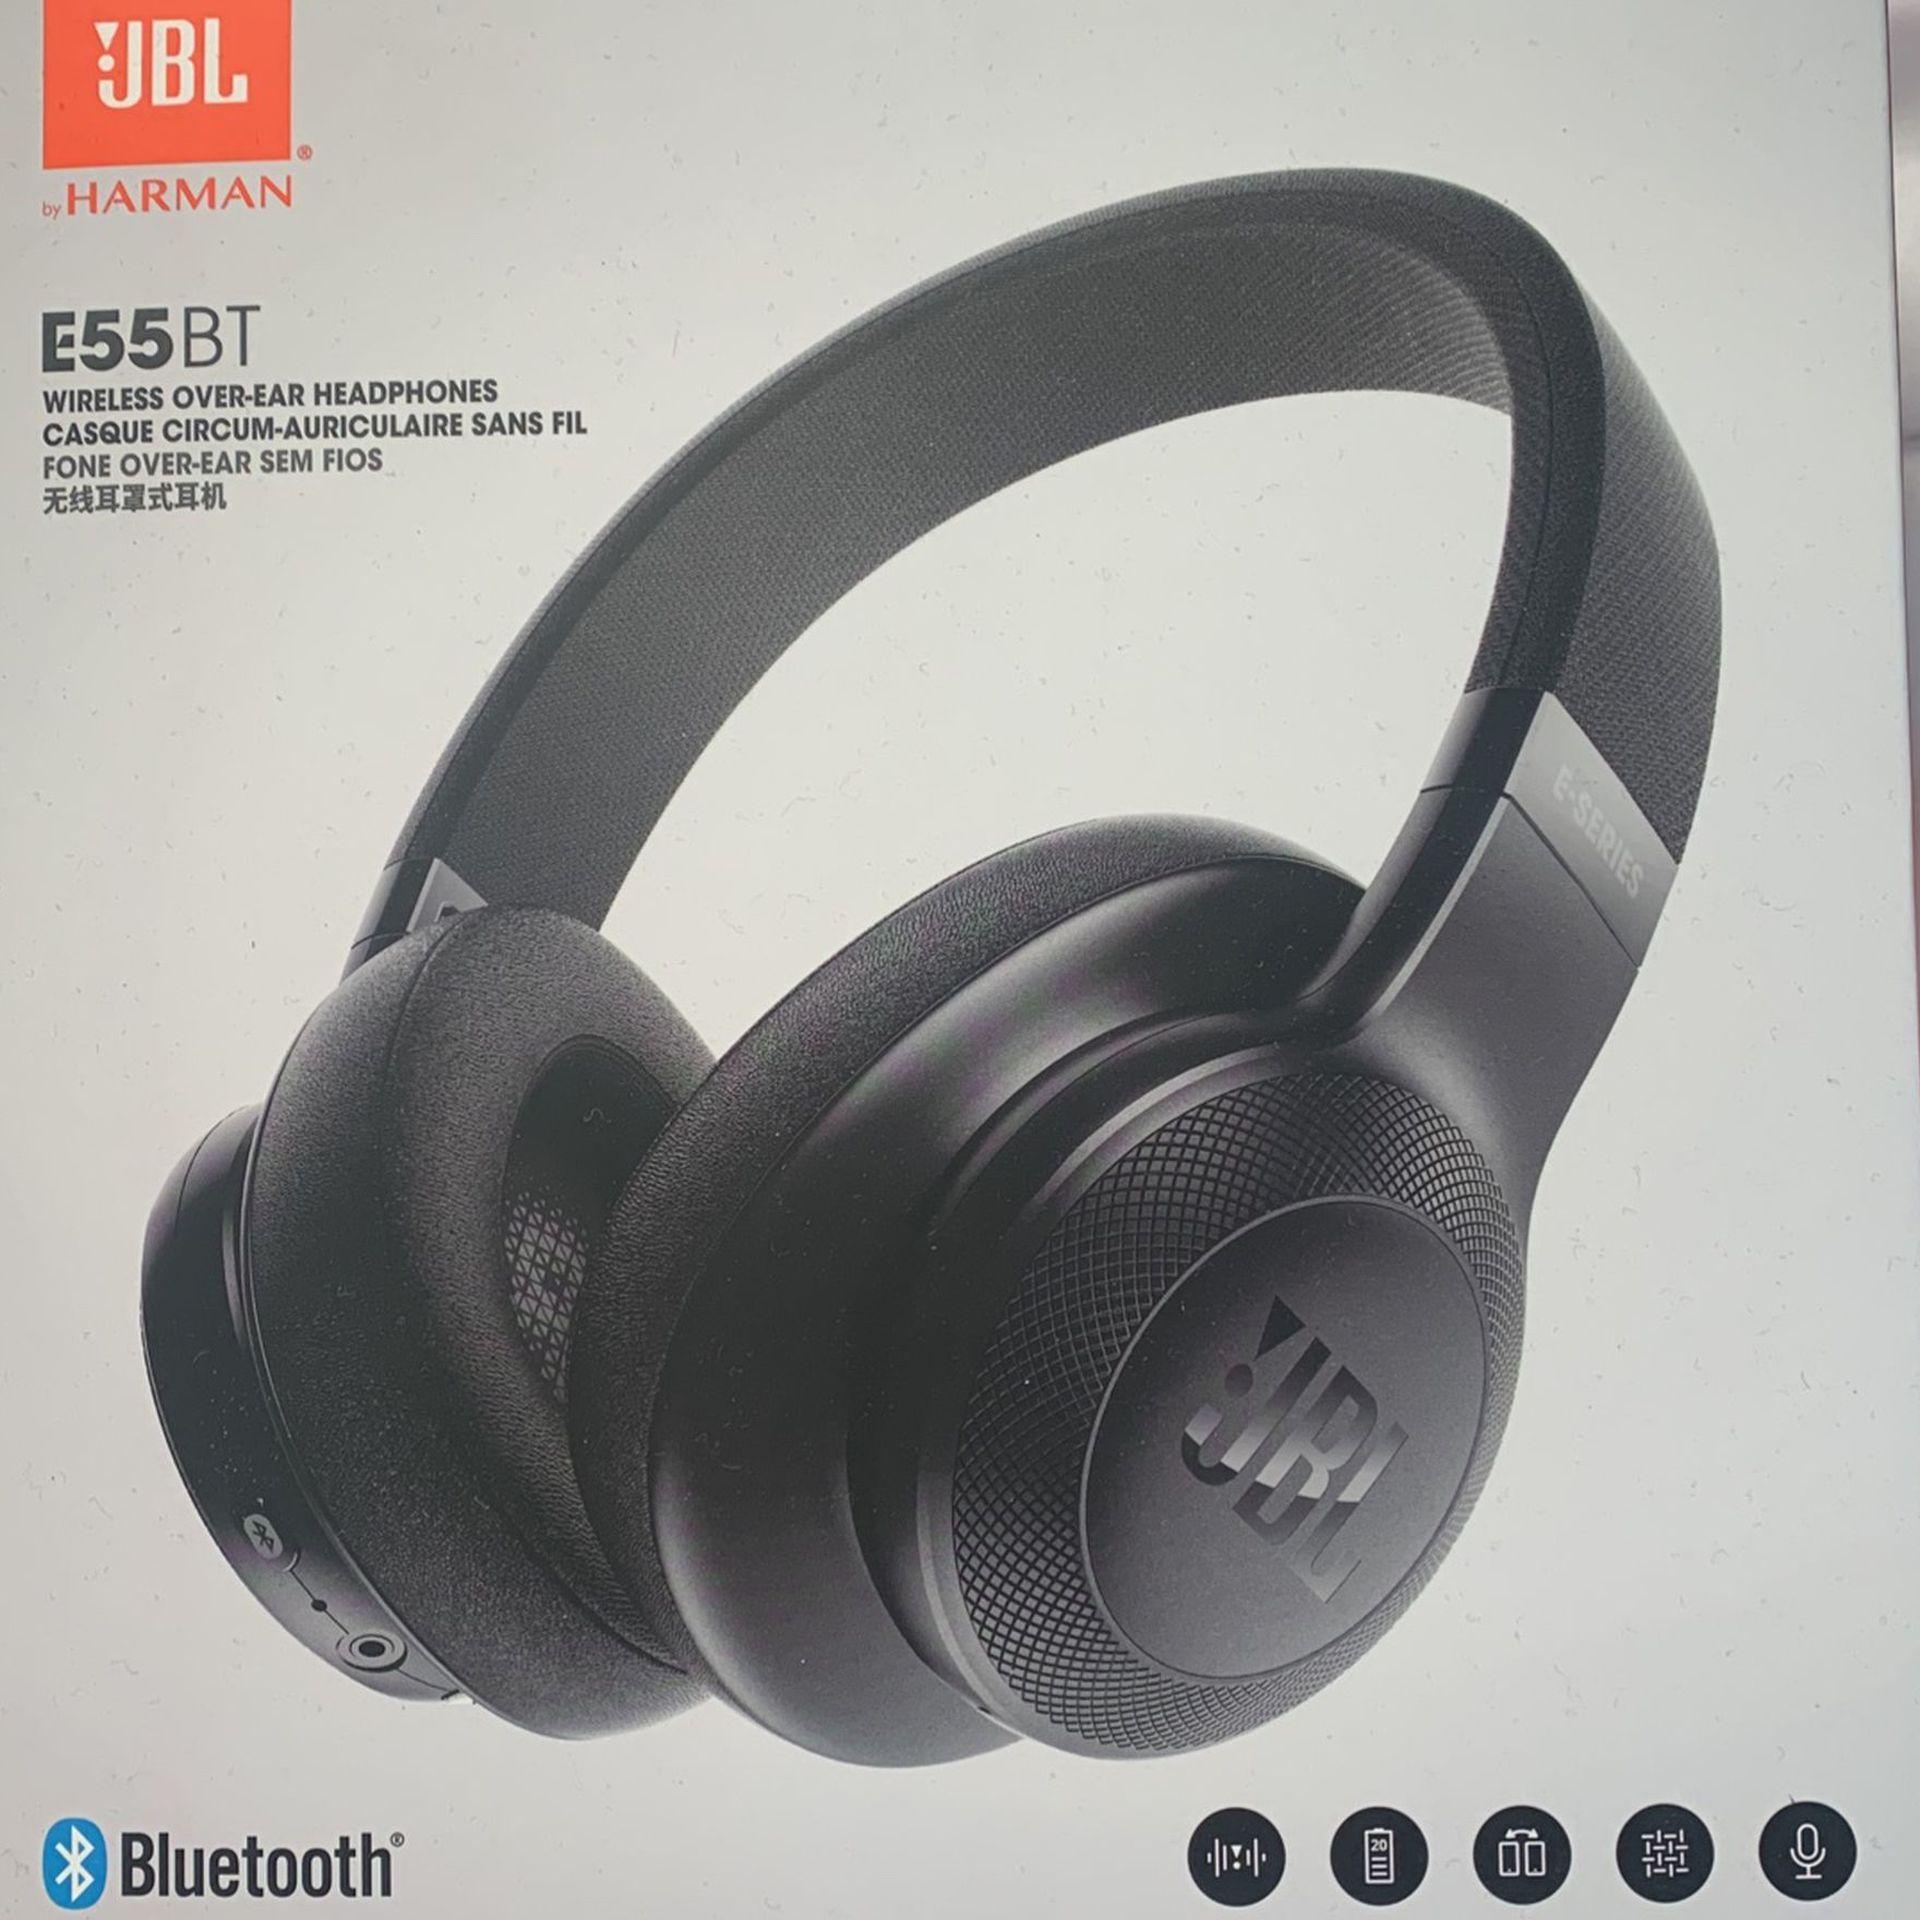 JBL Over Ear wireless headphones